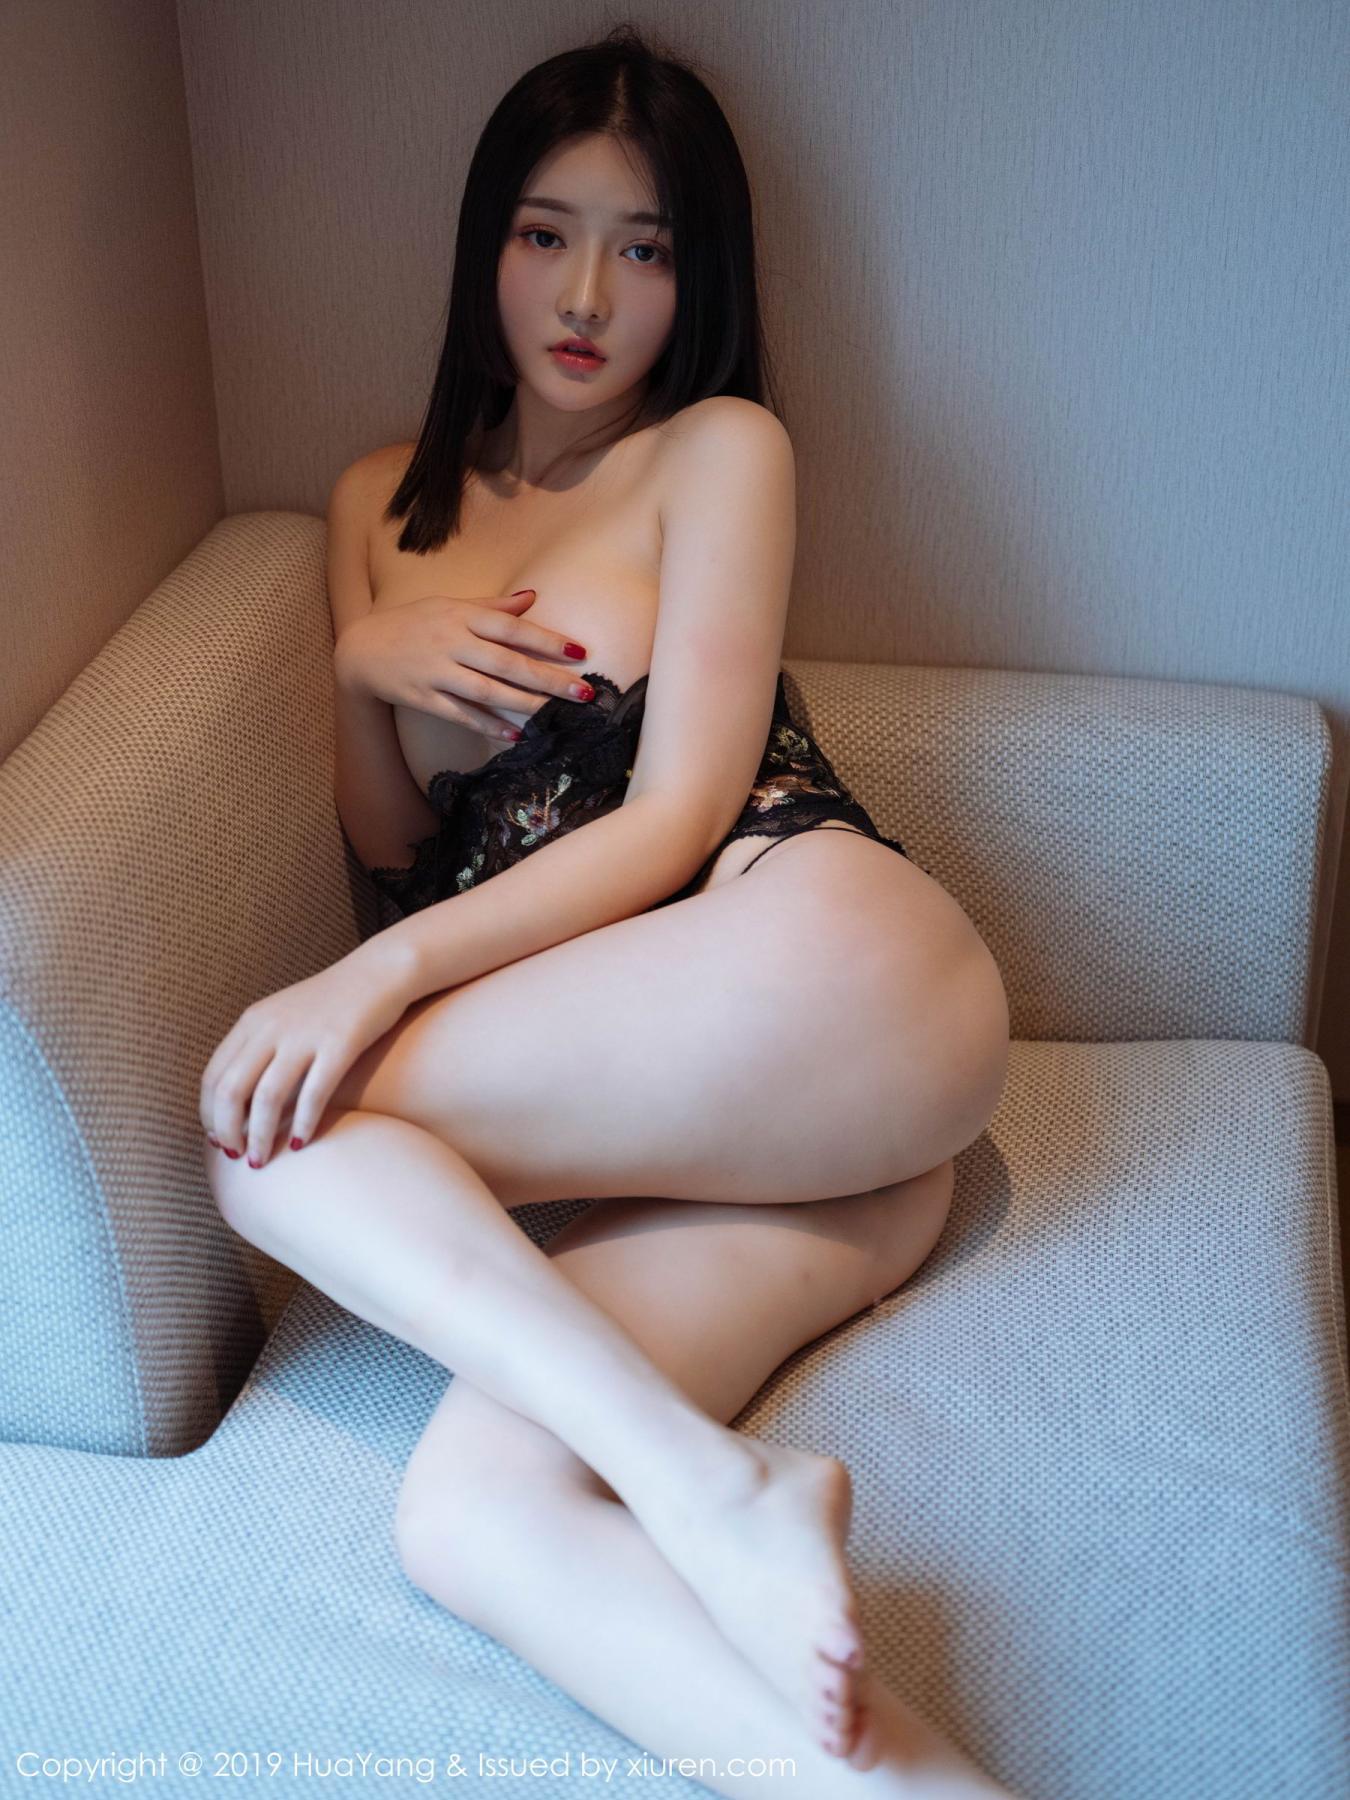 [Huayang] Vol.117 Tang Wan Er 19P, Adult, Black Silk, HuaYang, Sexy, Tang Wan Er